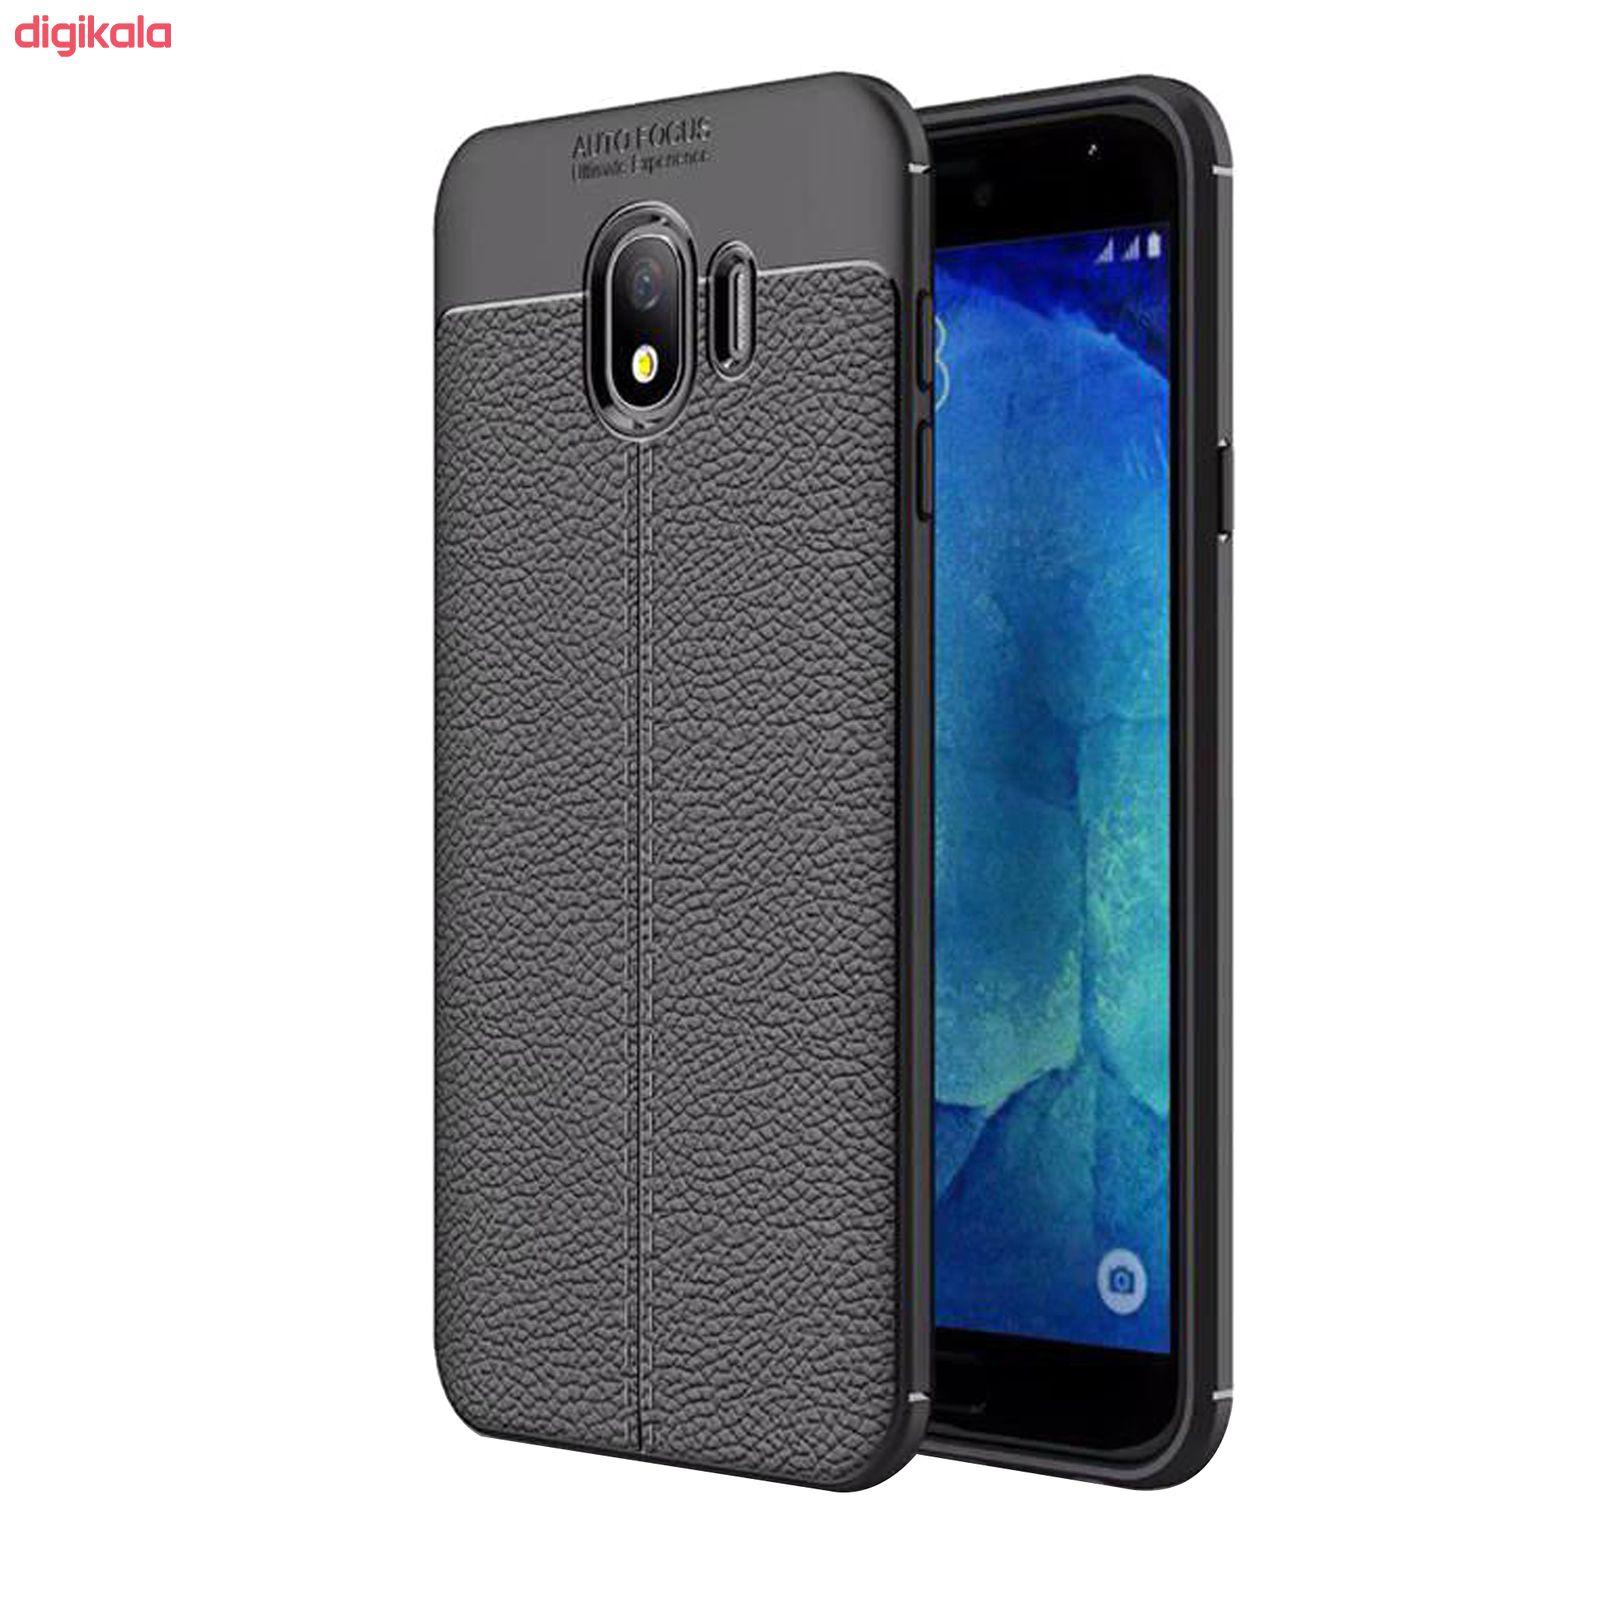 کاور فکرو مدل RX01 مناسب برای گوشی موبایل سامسونگ Galaxy j4 2018 main 1 1